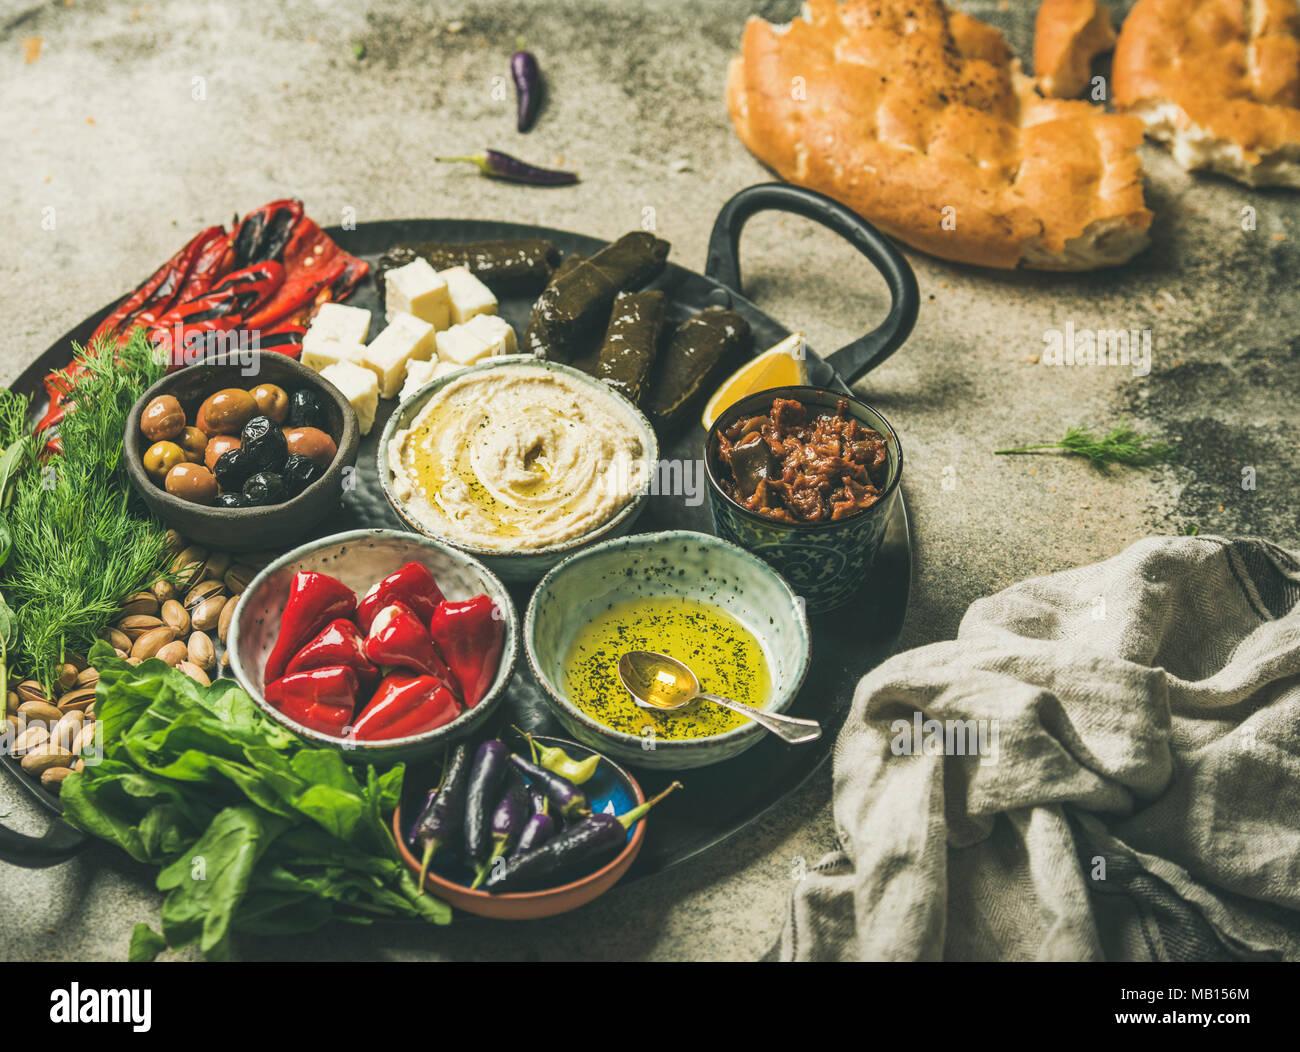 Mittelmeerraum, Naher und Mittlerer Osten meze starter Platter. Gefüllte eingelegte Paprika, Dolma, Hummus, gewürzten Öl, Oliven, getrocknete Tomaten, Nüsse, Käse, flach Stockbild